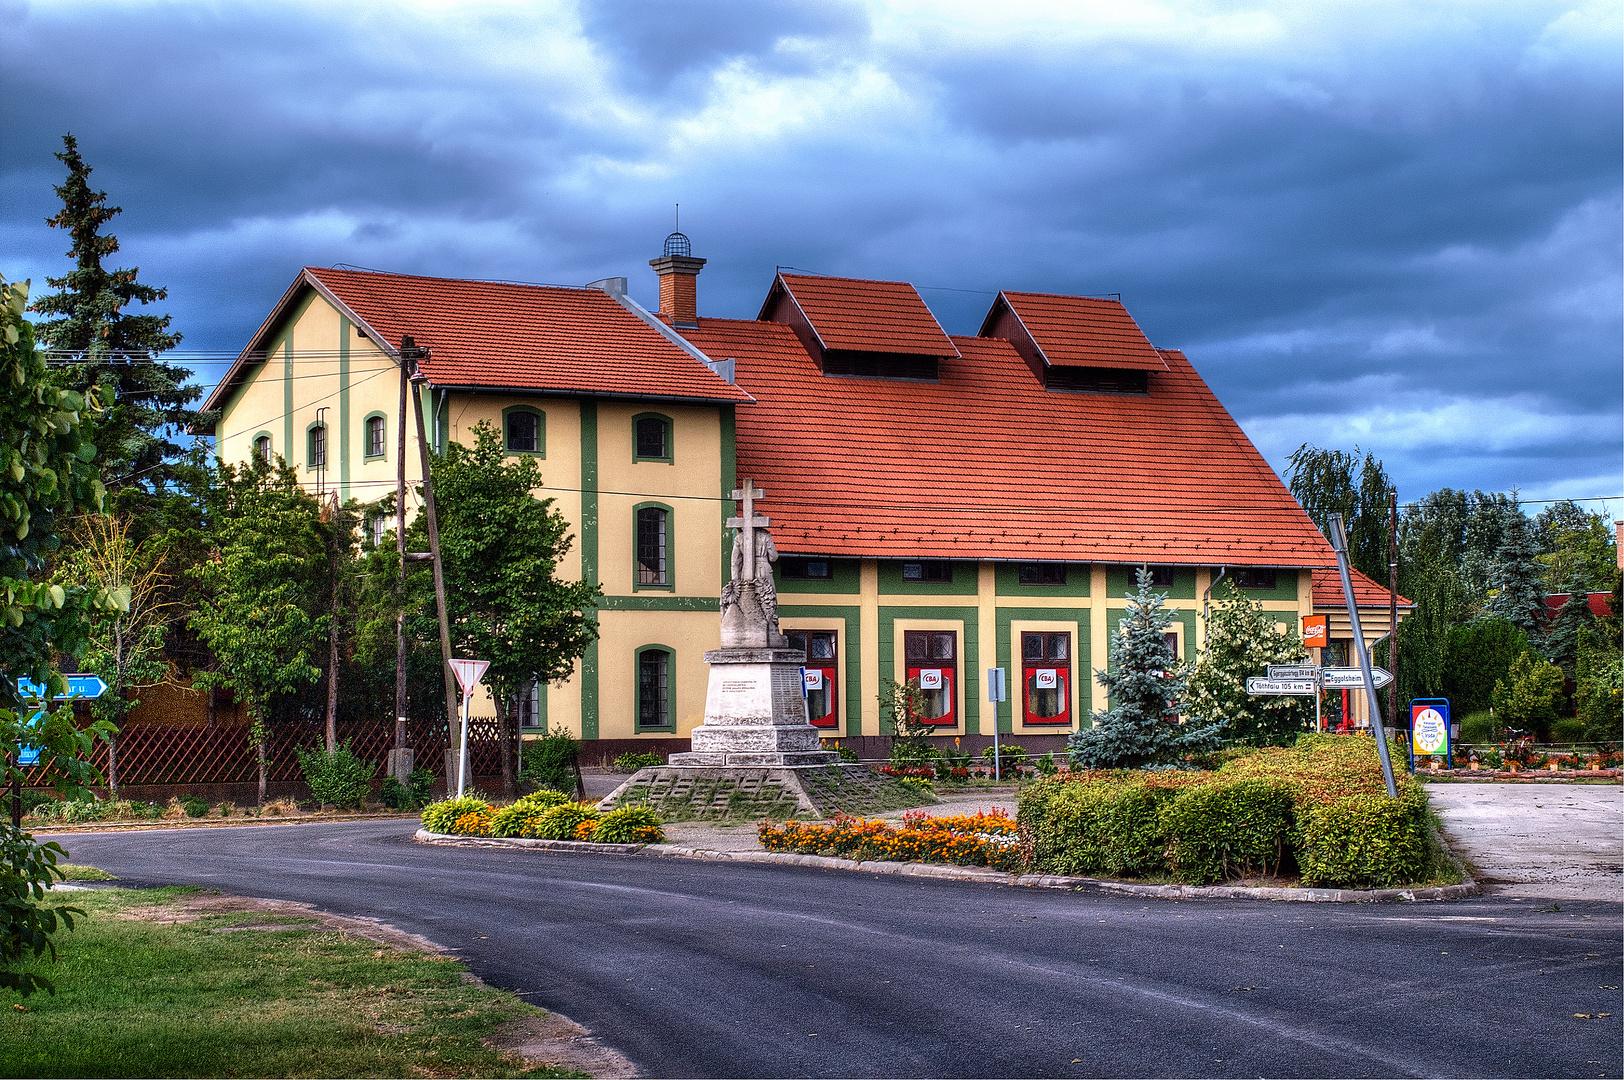 Ehemalige Mühle in Südungarn